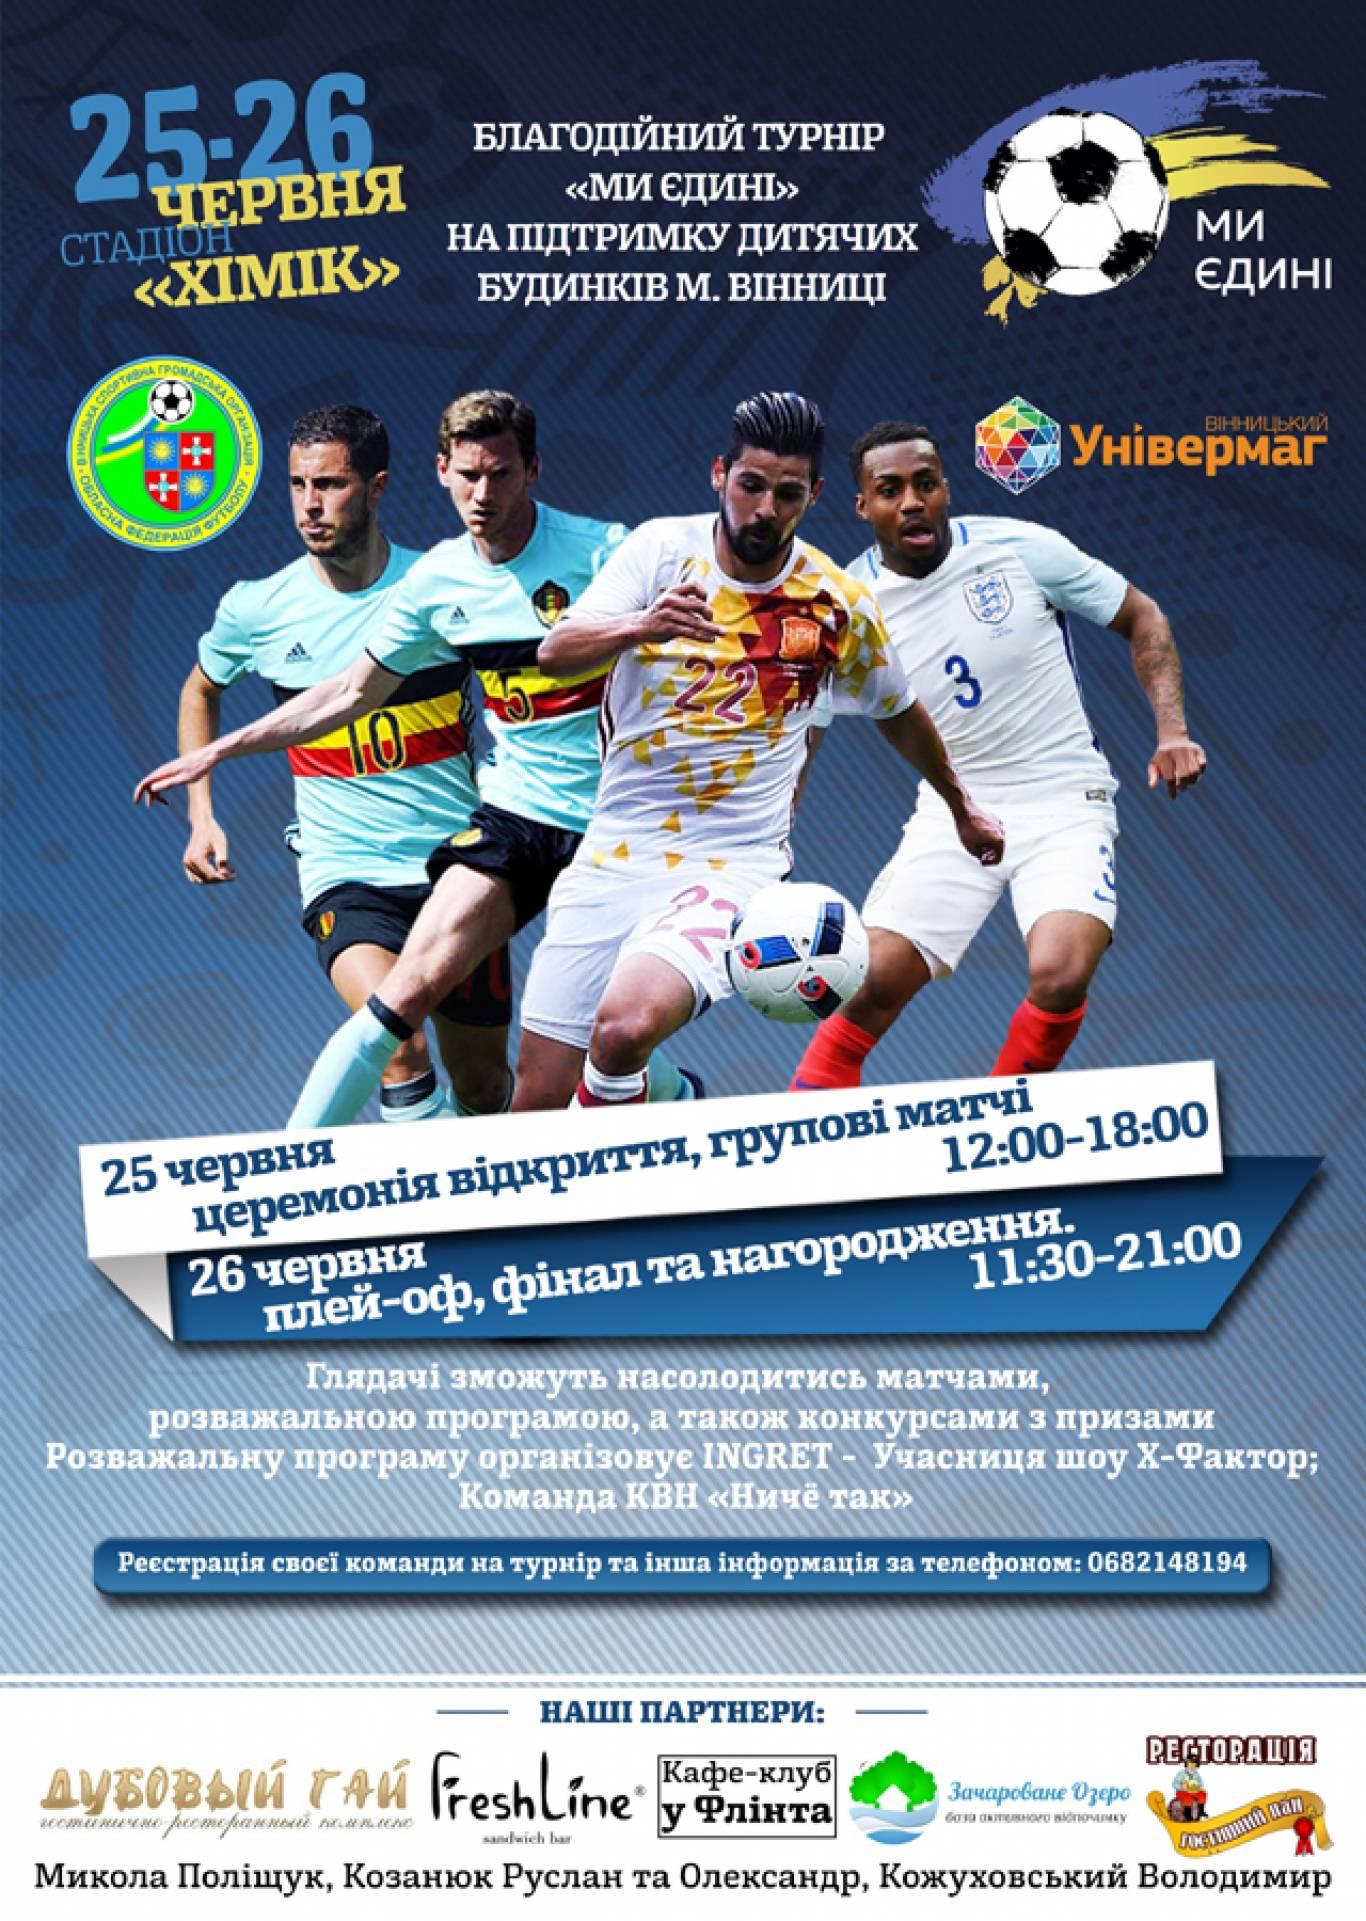 Благодійний турнір «Ми Єдині» на підтримку дитячих будинків Вінниці